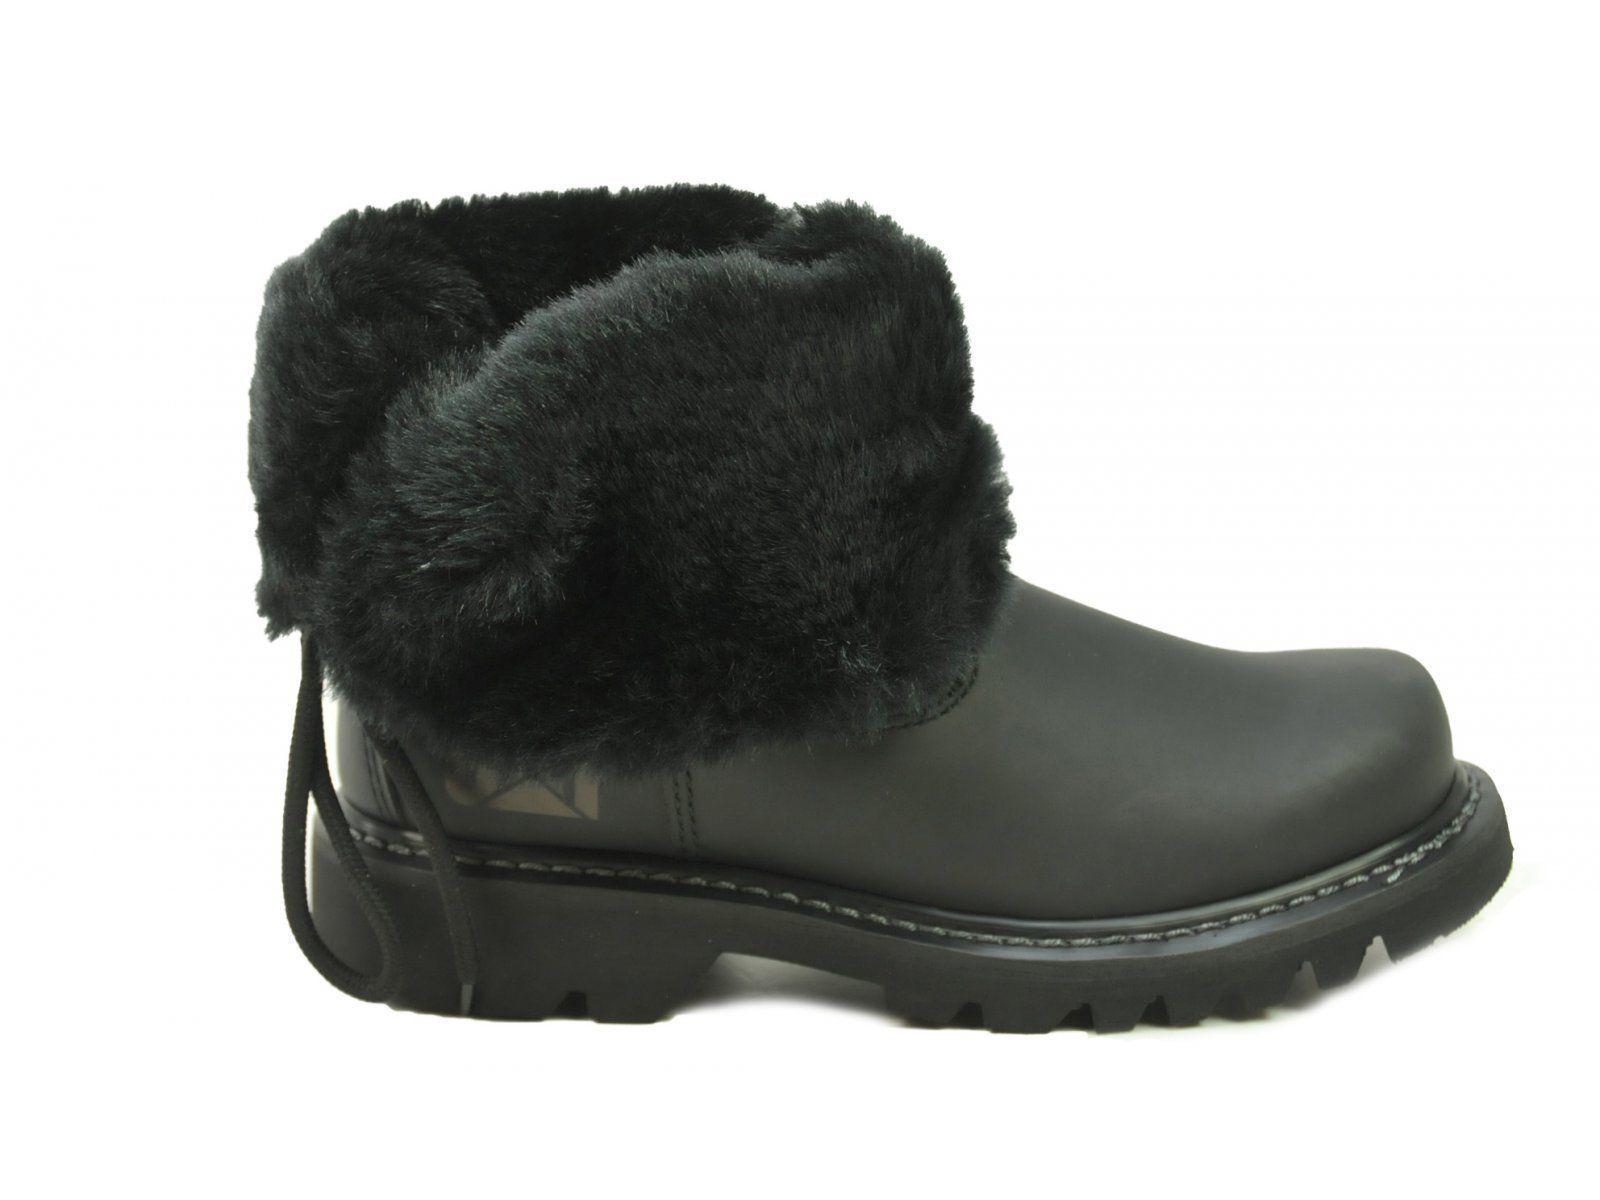 Tamaño 8 Gato trabajo para Mujer Informal De Piel Bruiser Scrunch botas De Invierno Negro P307019